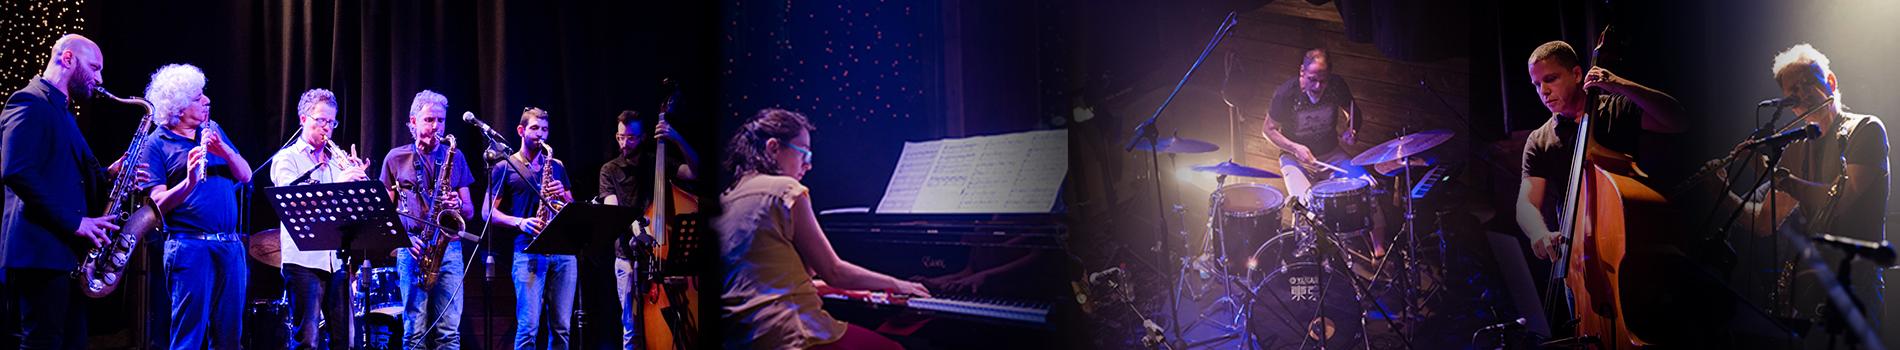 המסלול להתמחות בביצוע ג'אז